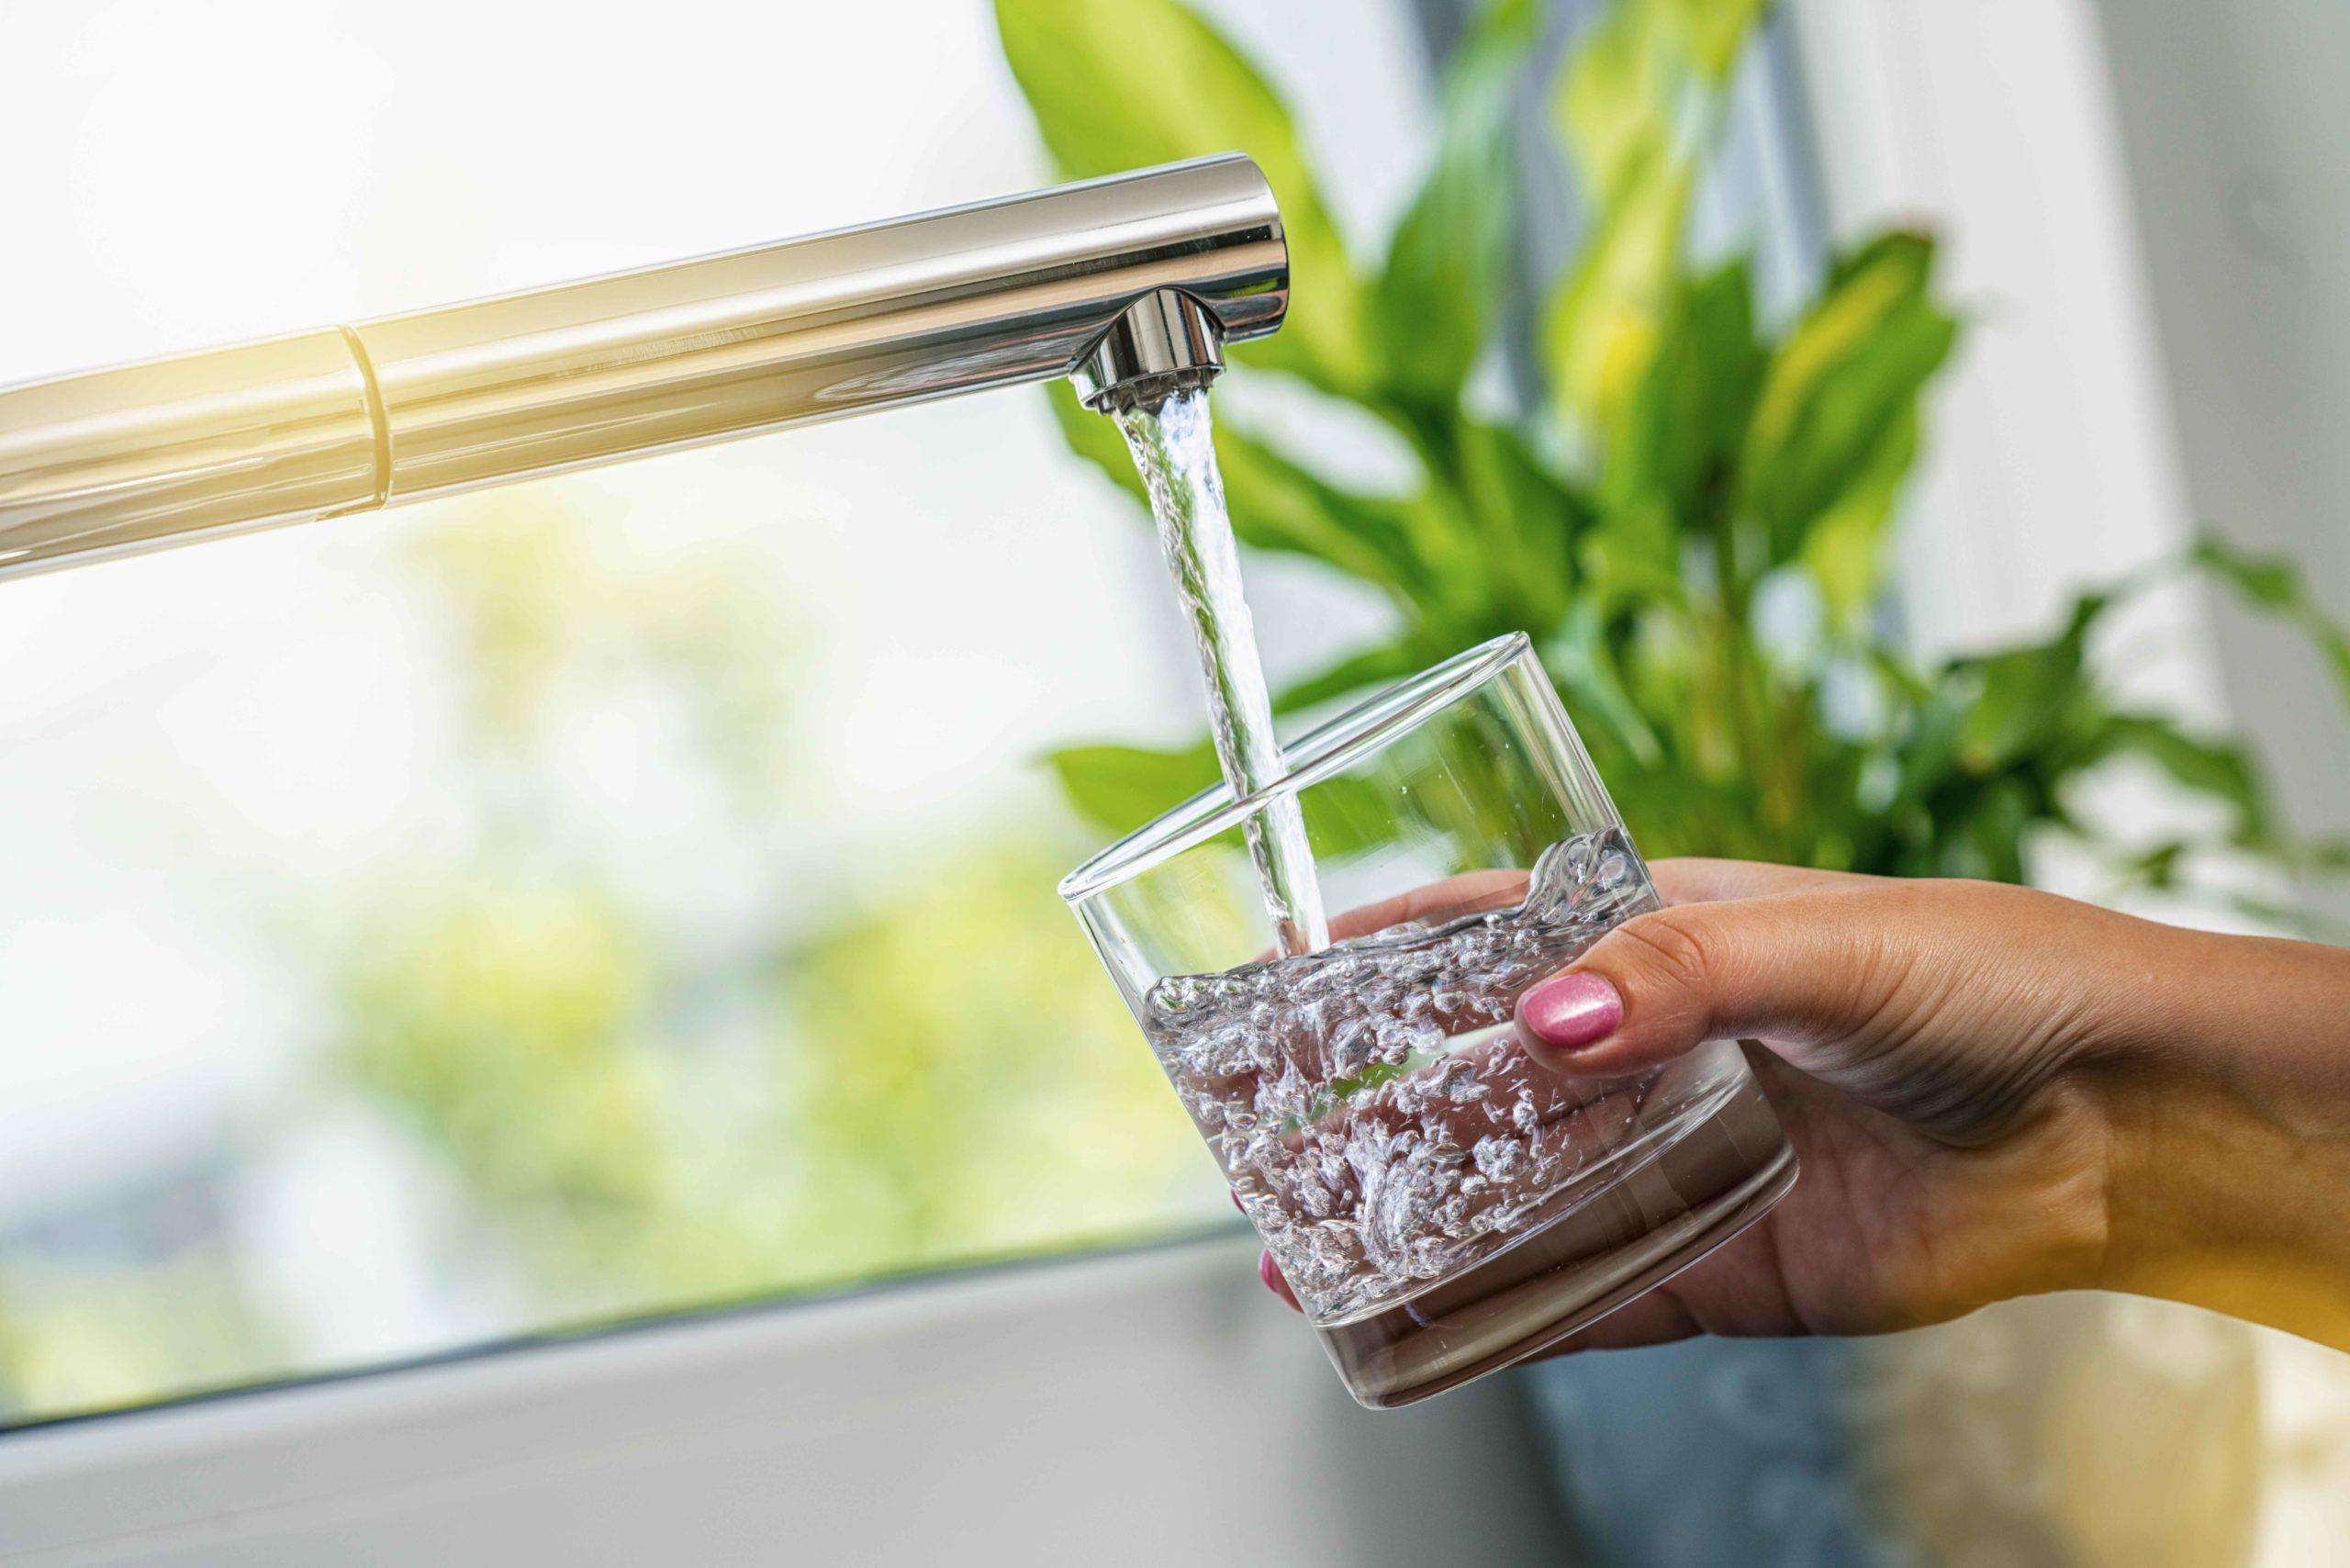 Frau Hand hält ein Glas, um es mit Wasser aus dem Hahn zu filtern